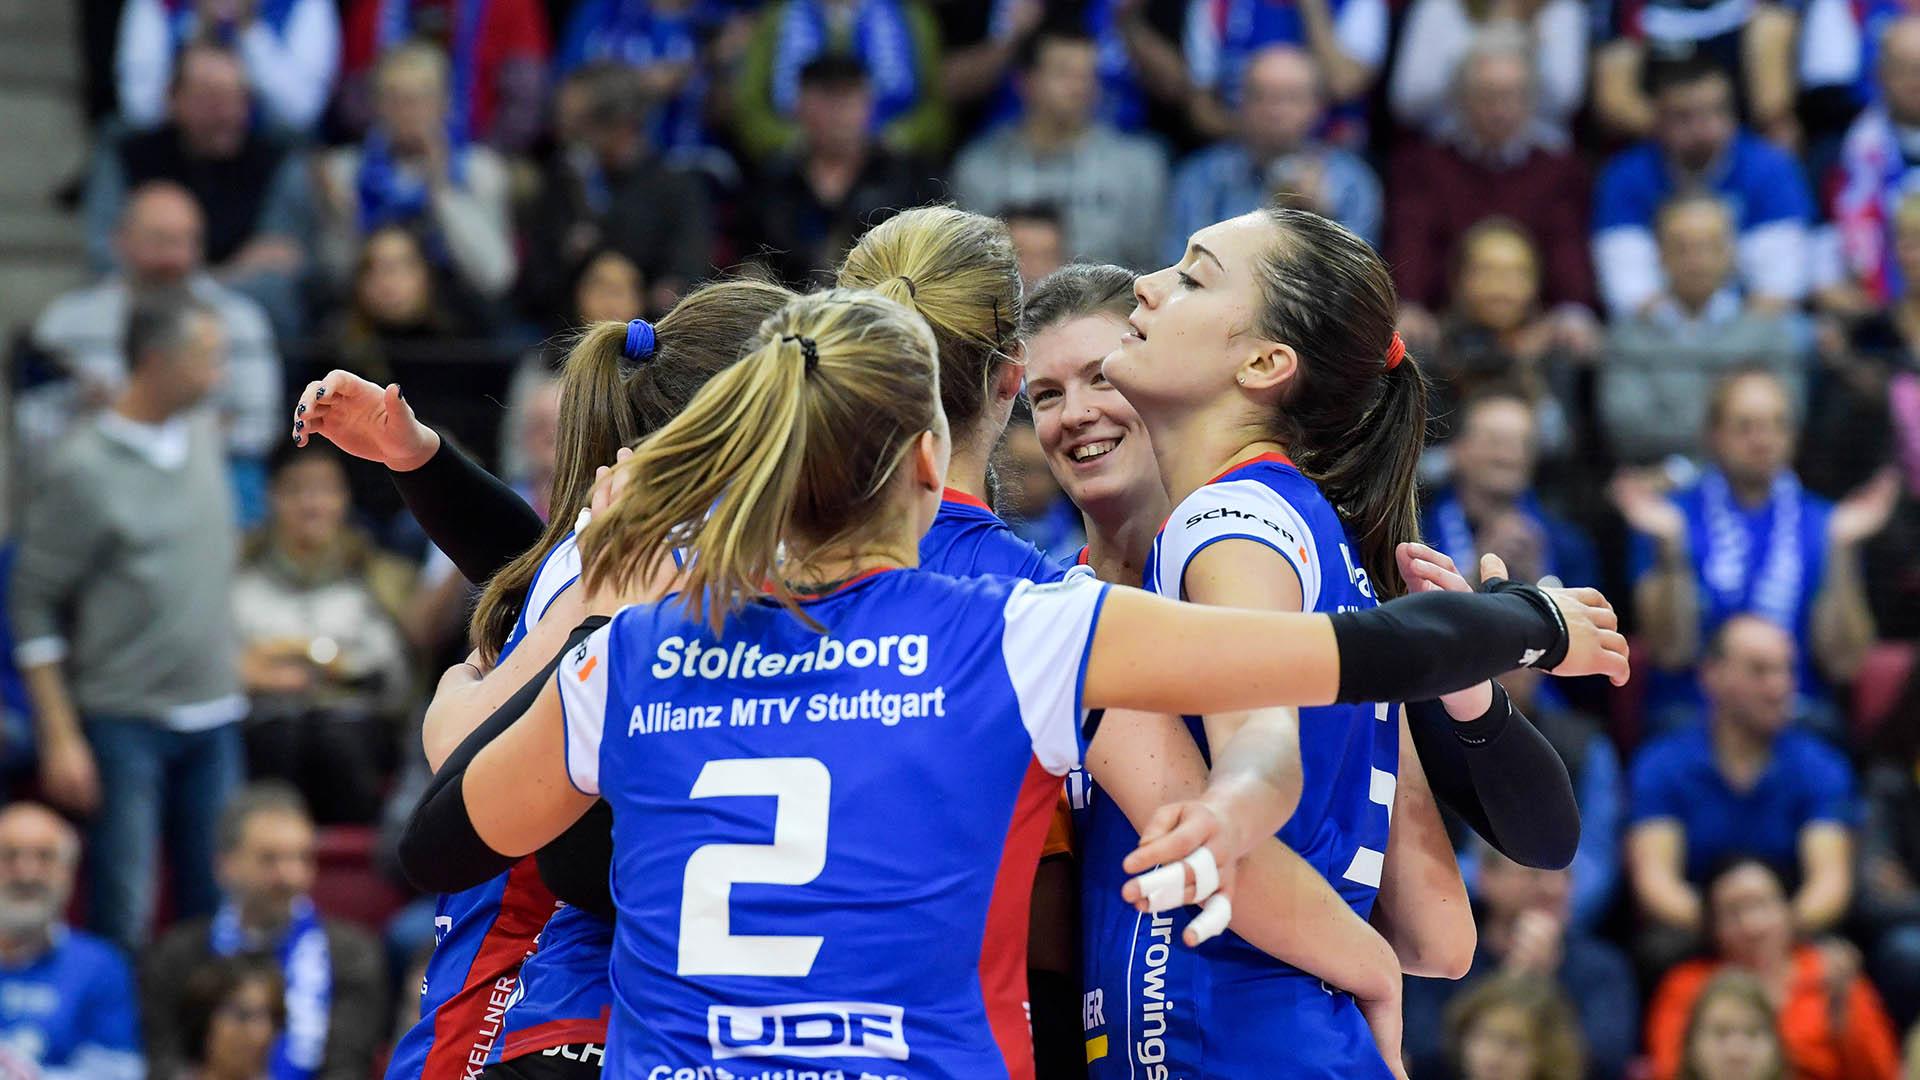 Stuttgarts Volleyballerinnen zeigen Kampfgeist